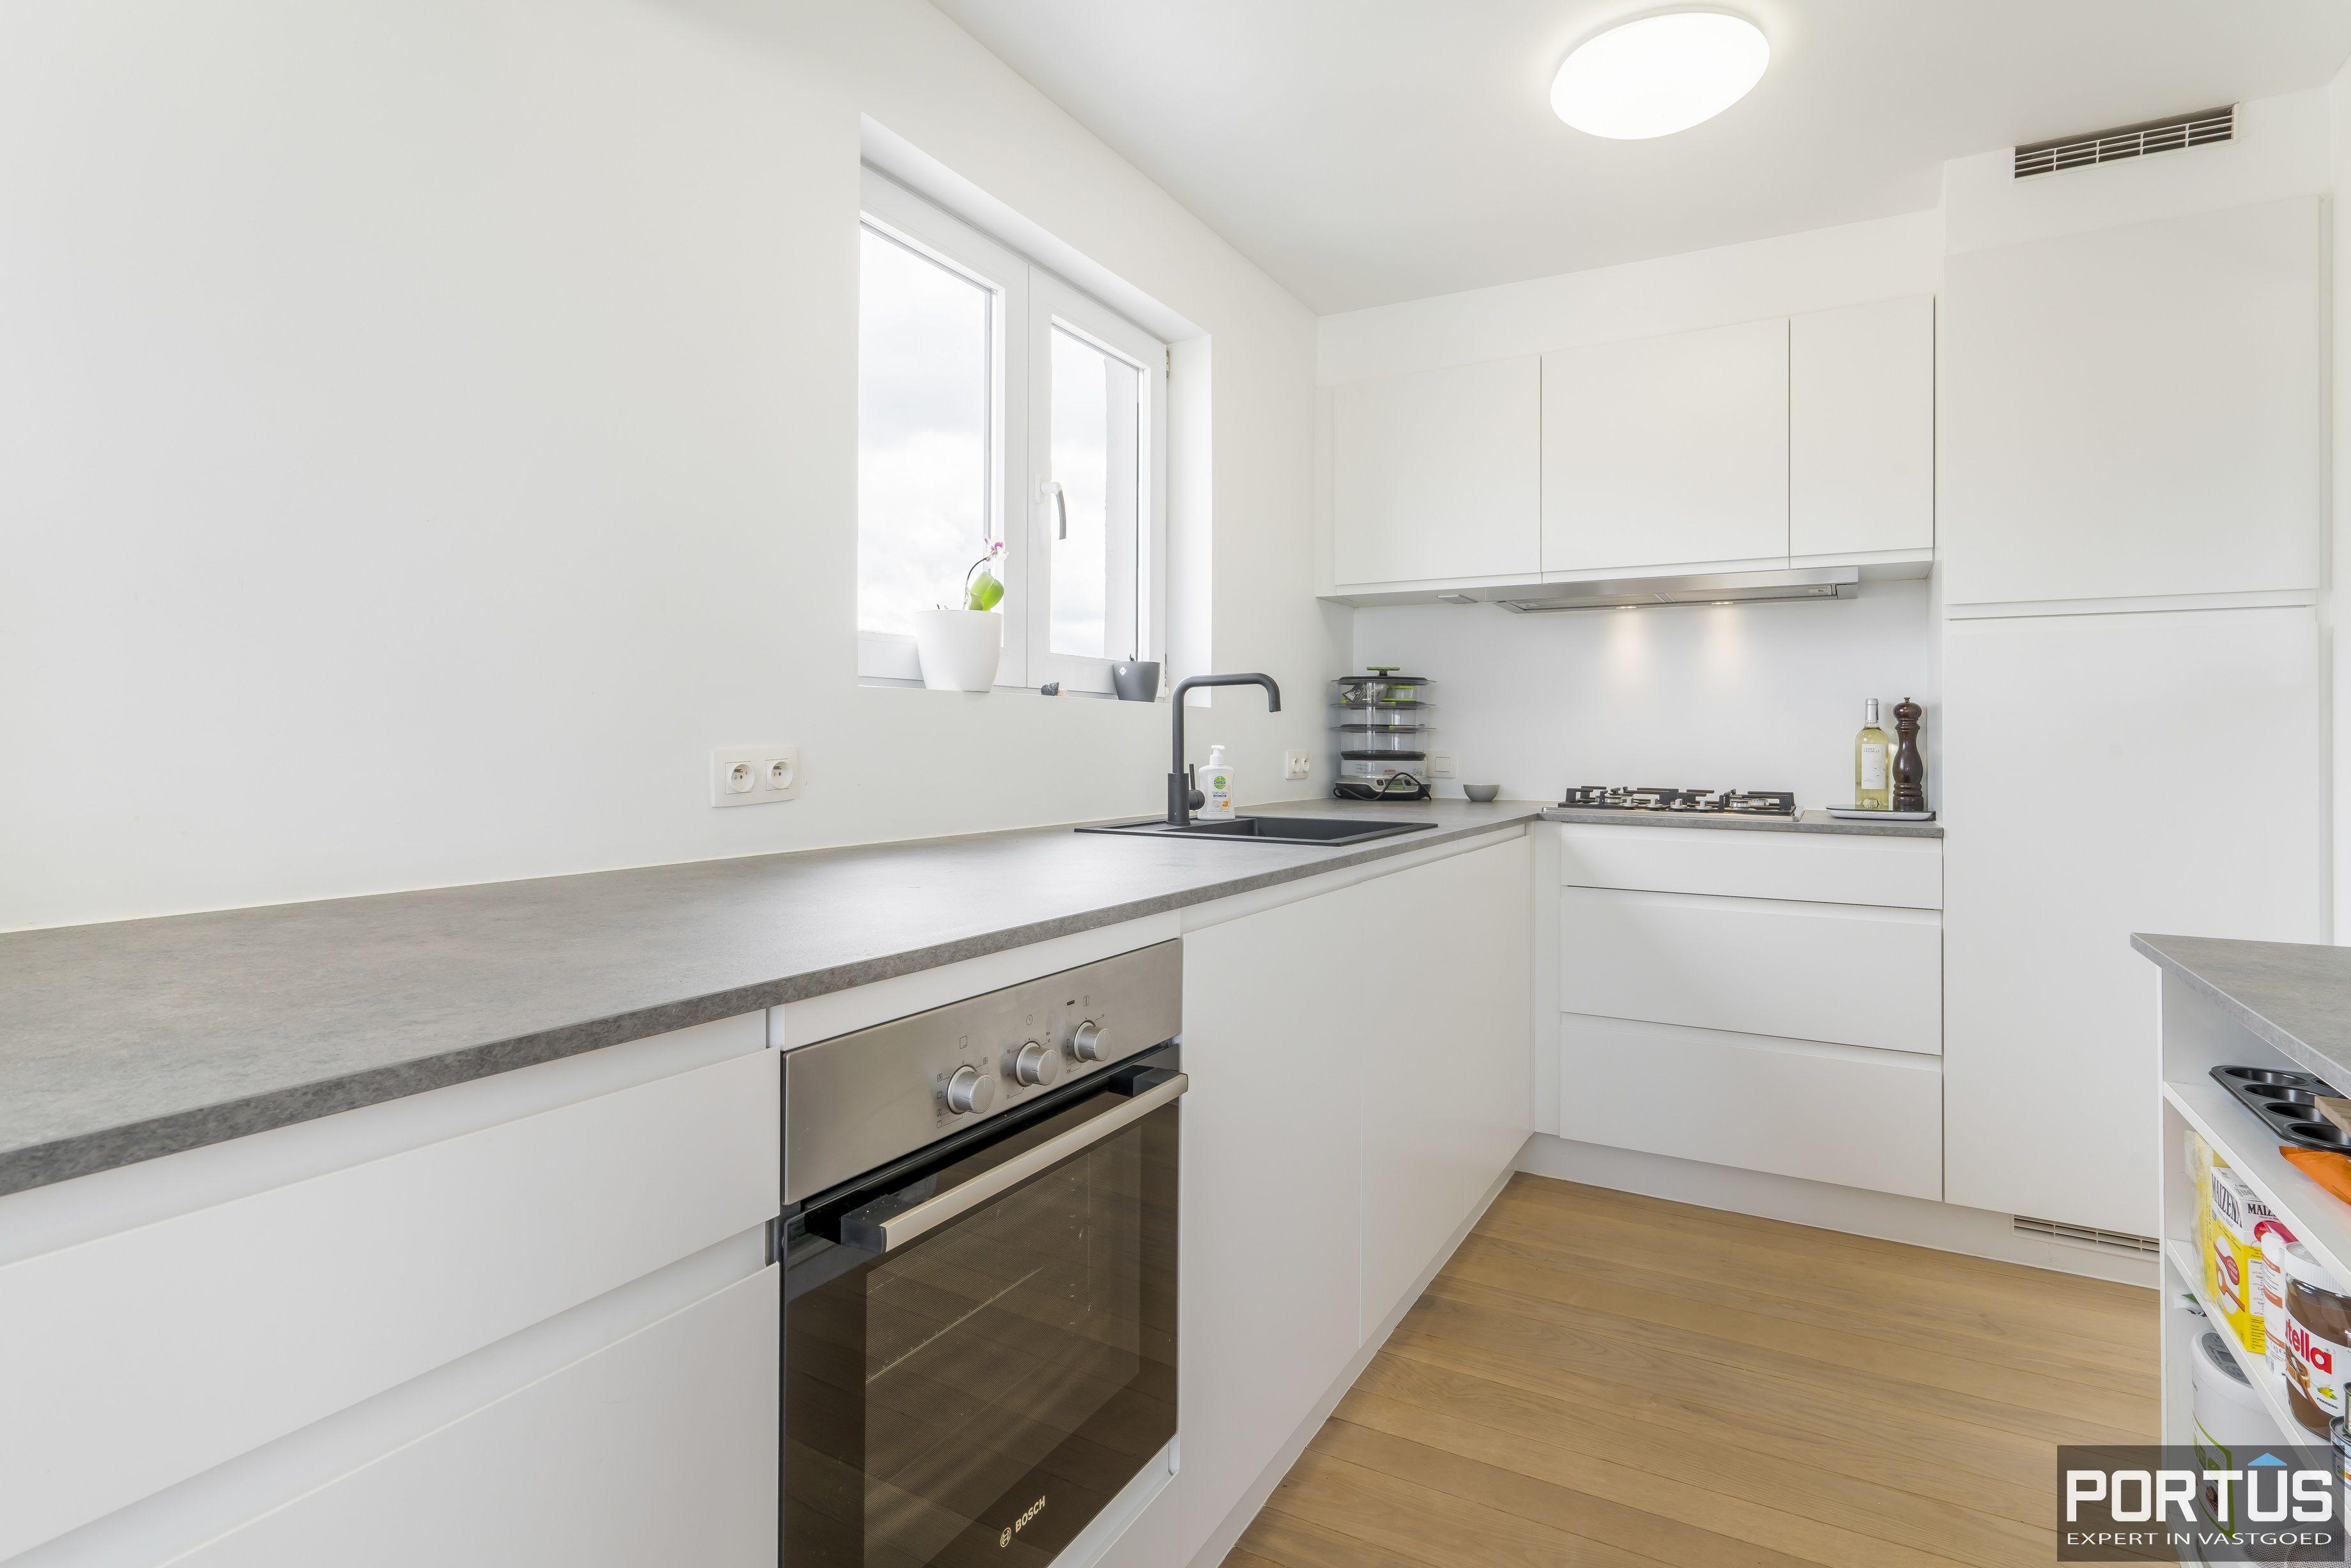 Appartement met 3 slaapkamers te koop te Westende - 12865